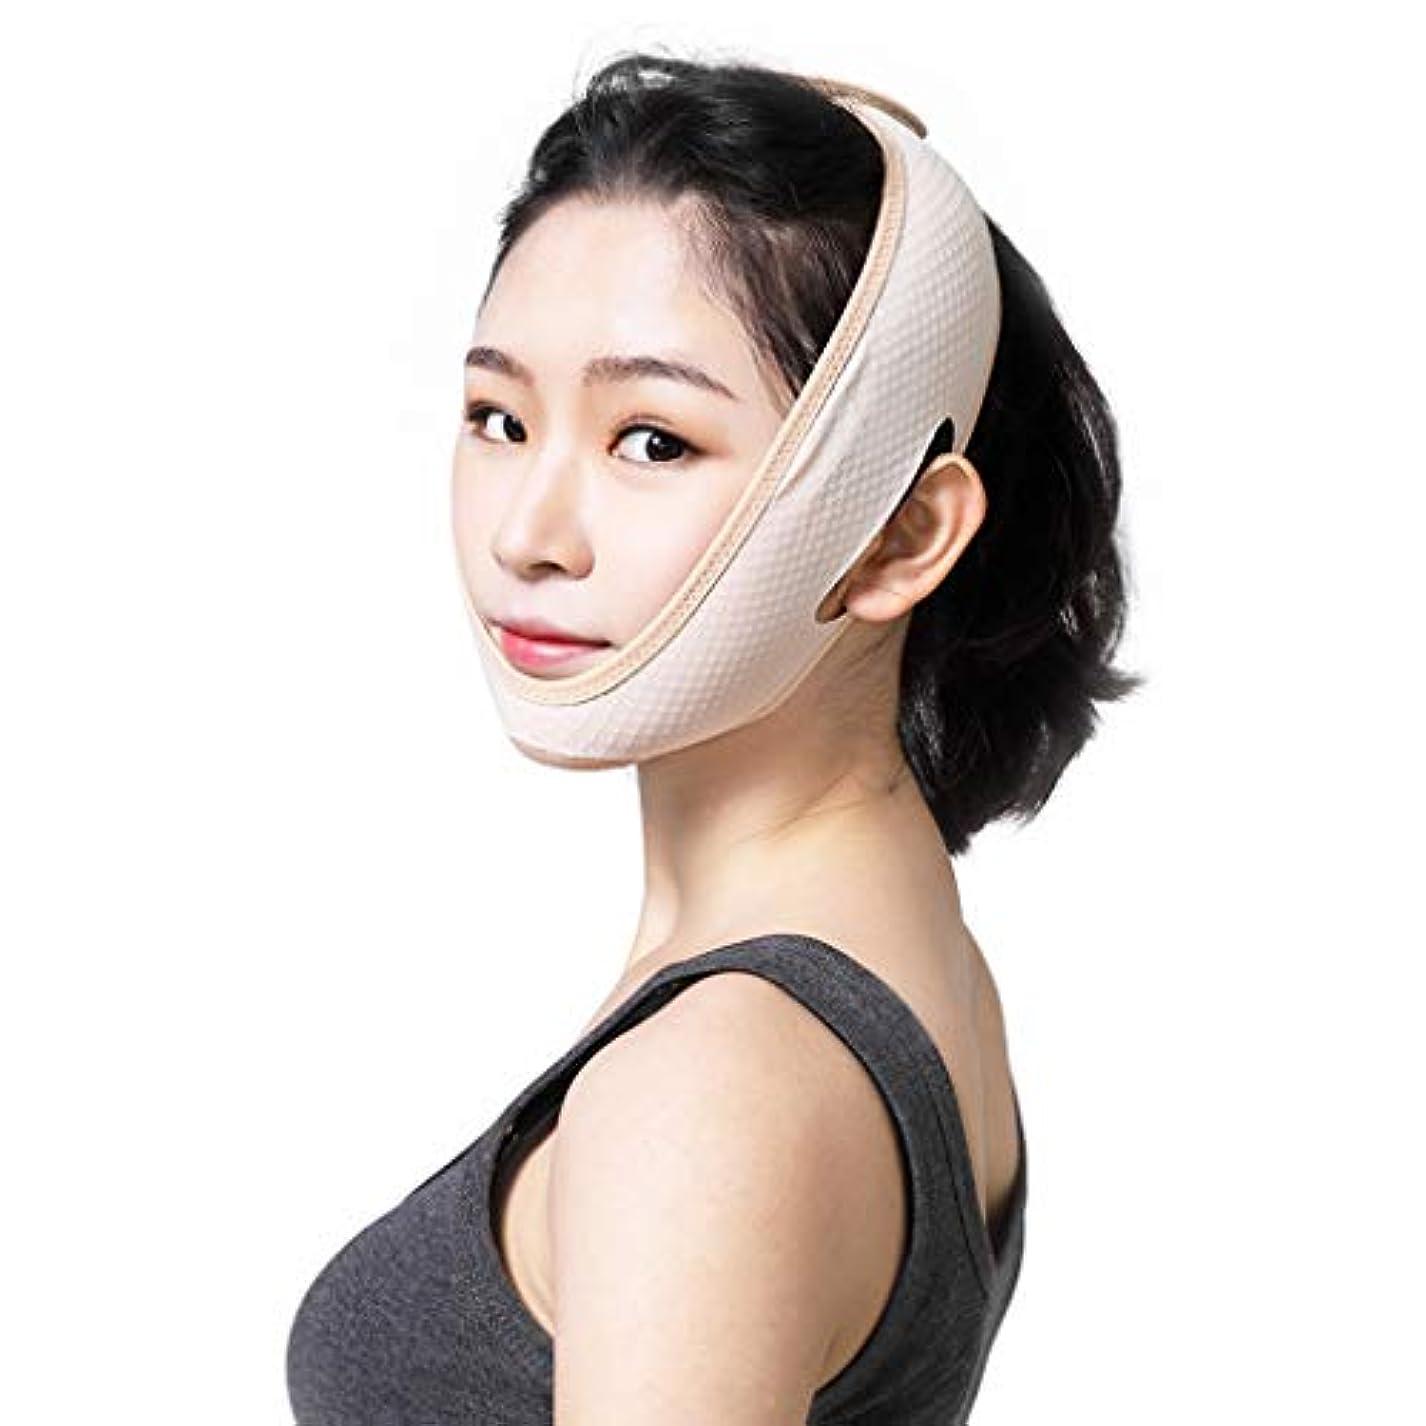 とんでもない劣る個人顔の減量顔 V 顔の薄い二重あごリフト引き締め顔面包帯睡眠マスクマッサージ通気性